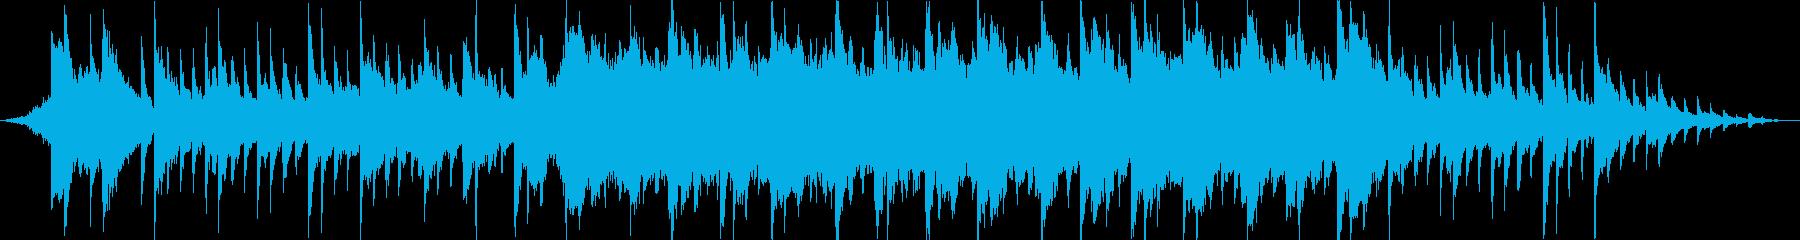 切なく浮遊感のあるインストの再生済みの波形